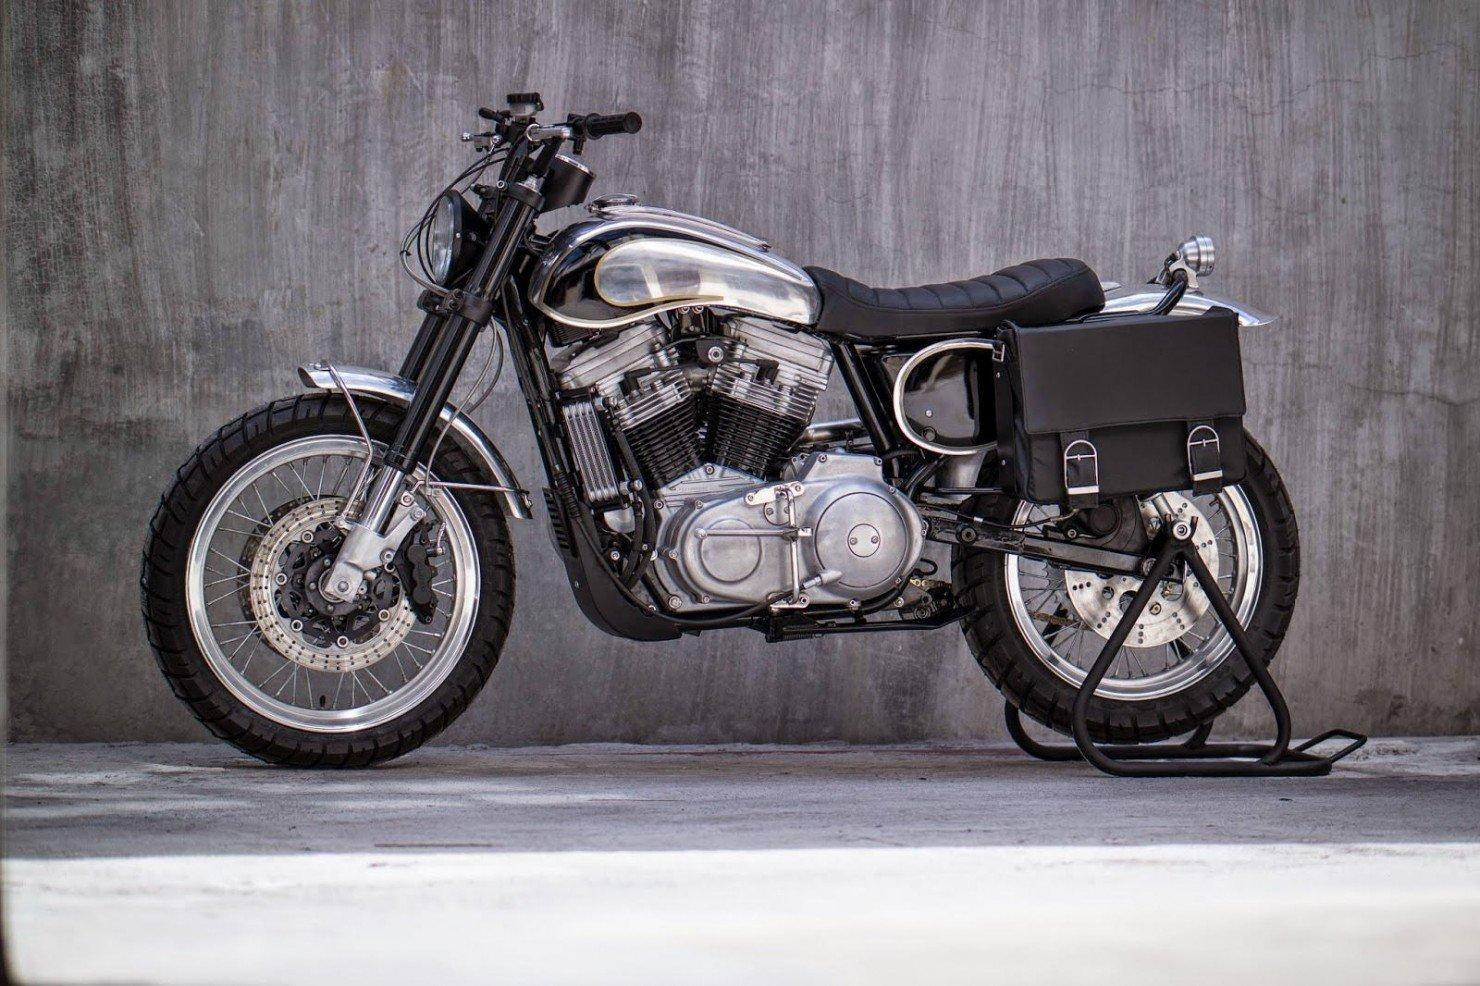 Harley-Davidson-Scrambler-Motorcycle-12